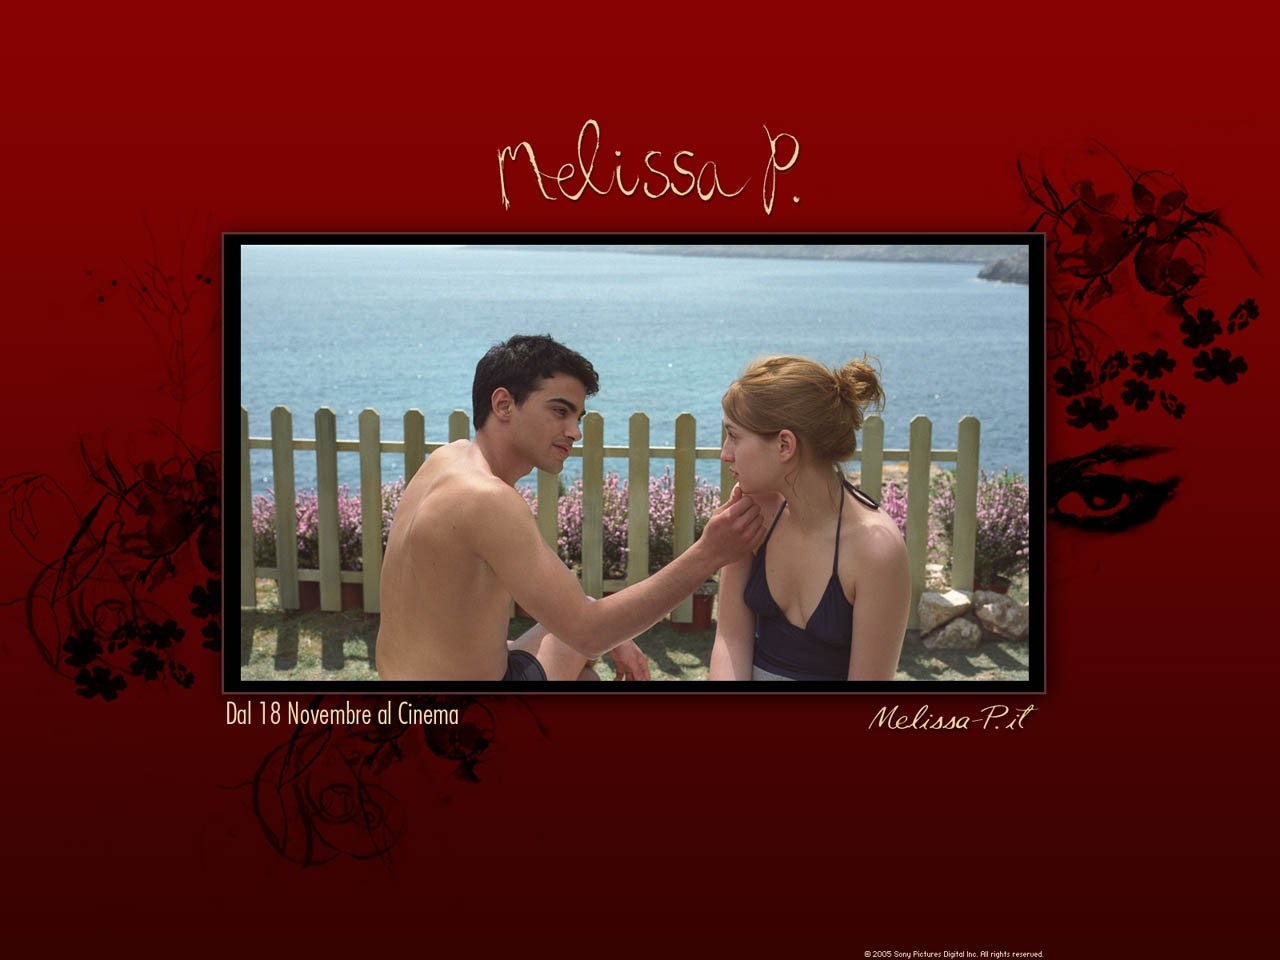 Wallpaper del film Melissa P. con Maria Valverde e Primo Reggiani